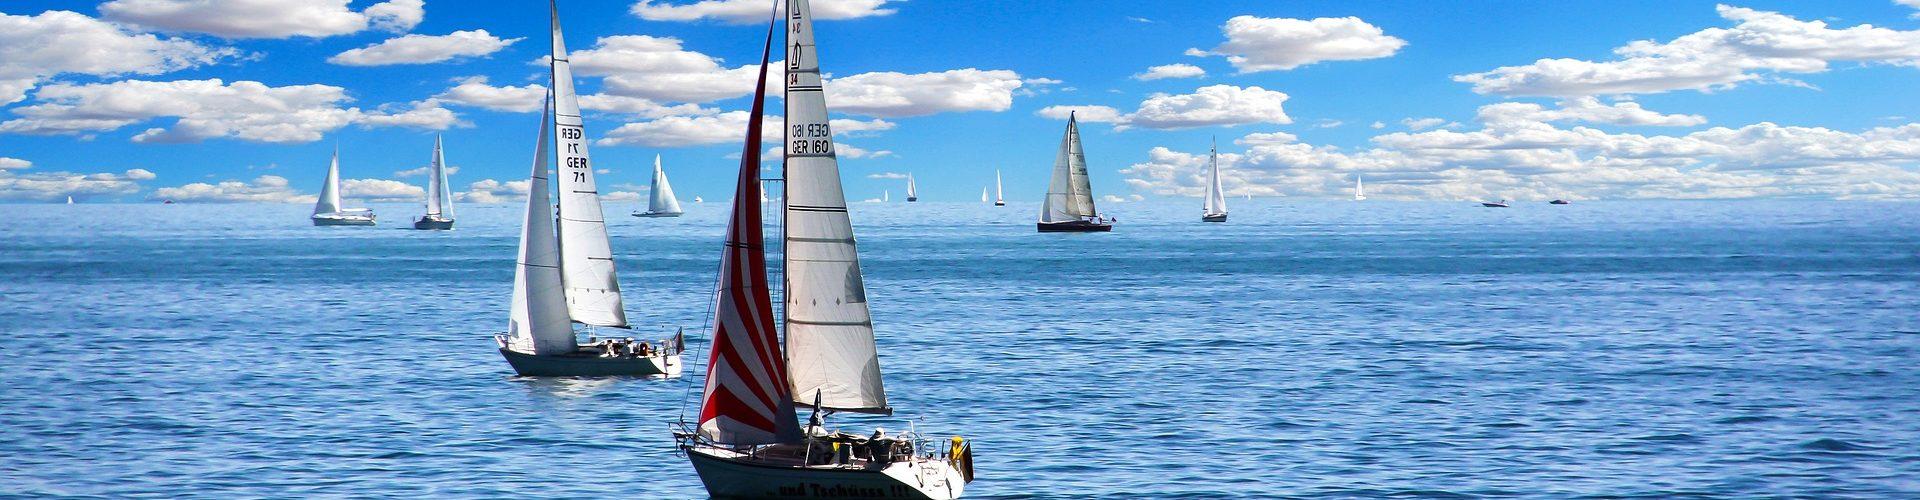 segeln lernen in Schliersee segelschein machen in Schliersee 1920x500 - Segeln lernen in Schliersee